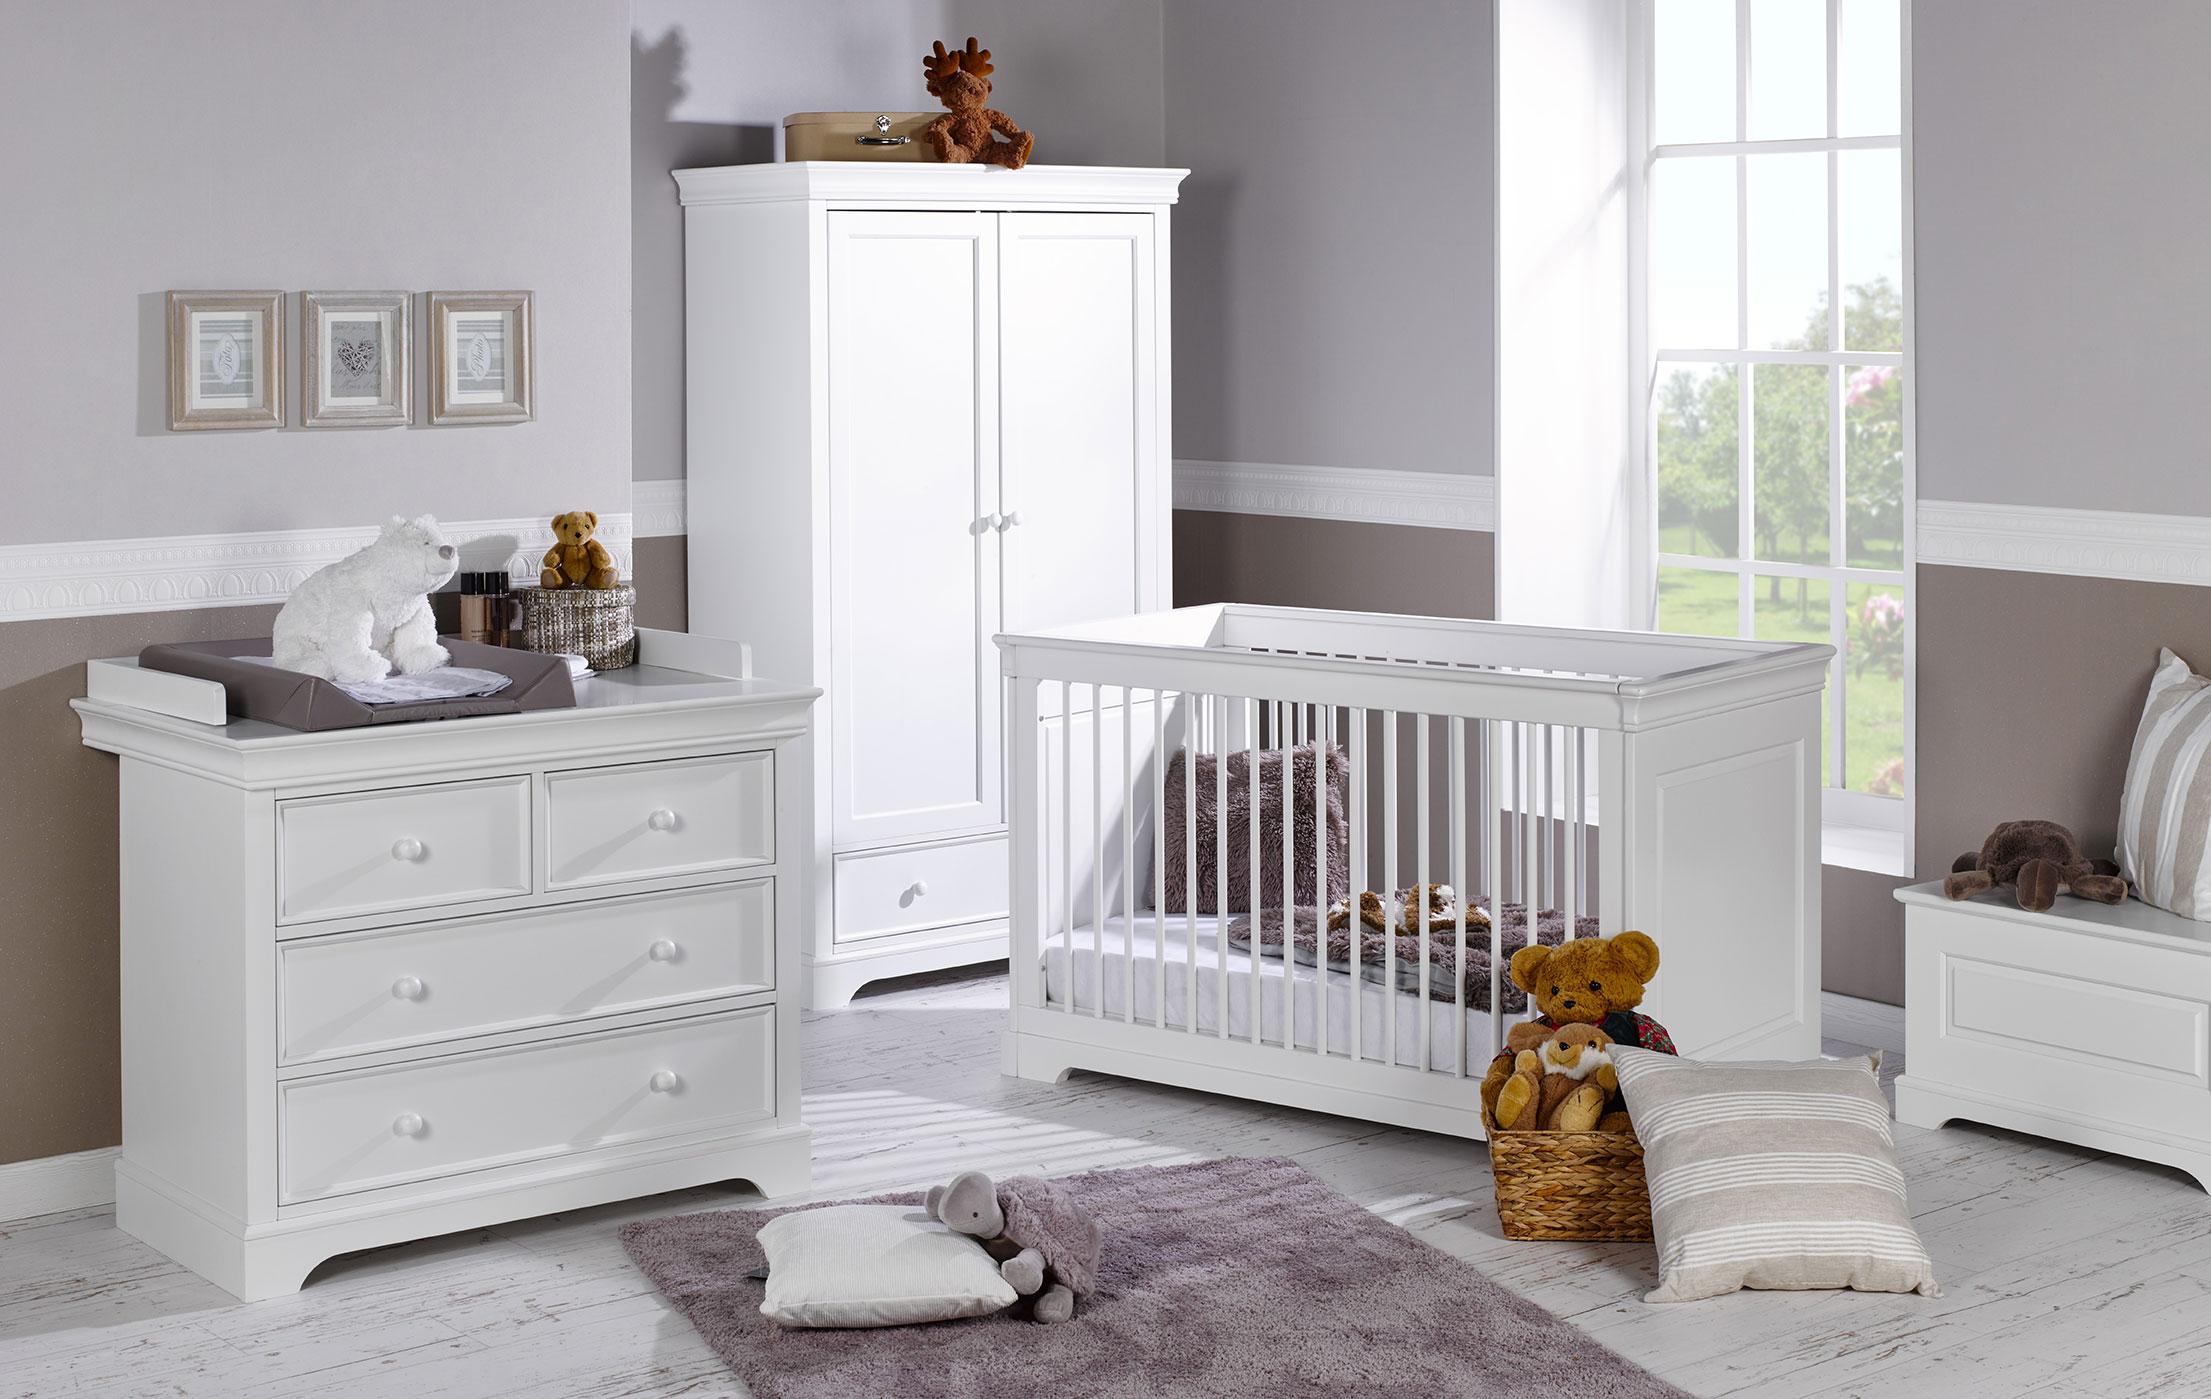 hygrometrie chambre bebe armoire enfant classique mel idkid 39 s